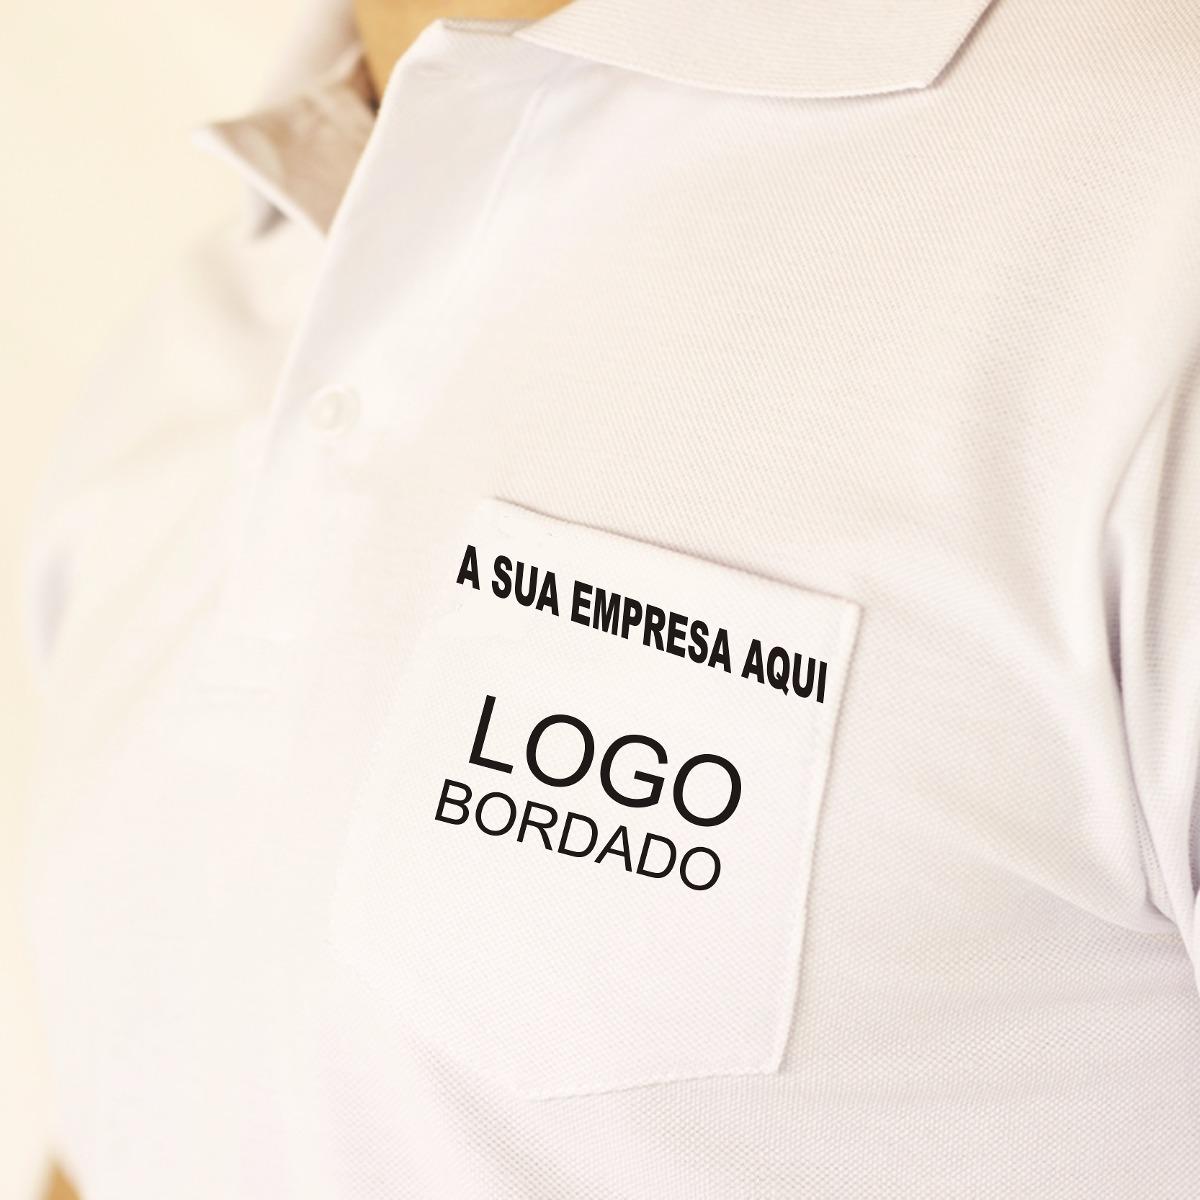 Kit Com 10 Camisas Polo Logo Bordado No Bolso Personalizada - R  490 ... 01f8a09c97706